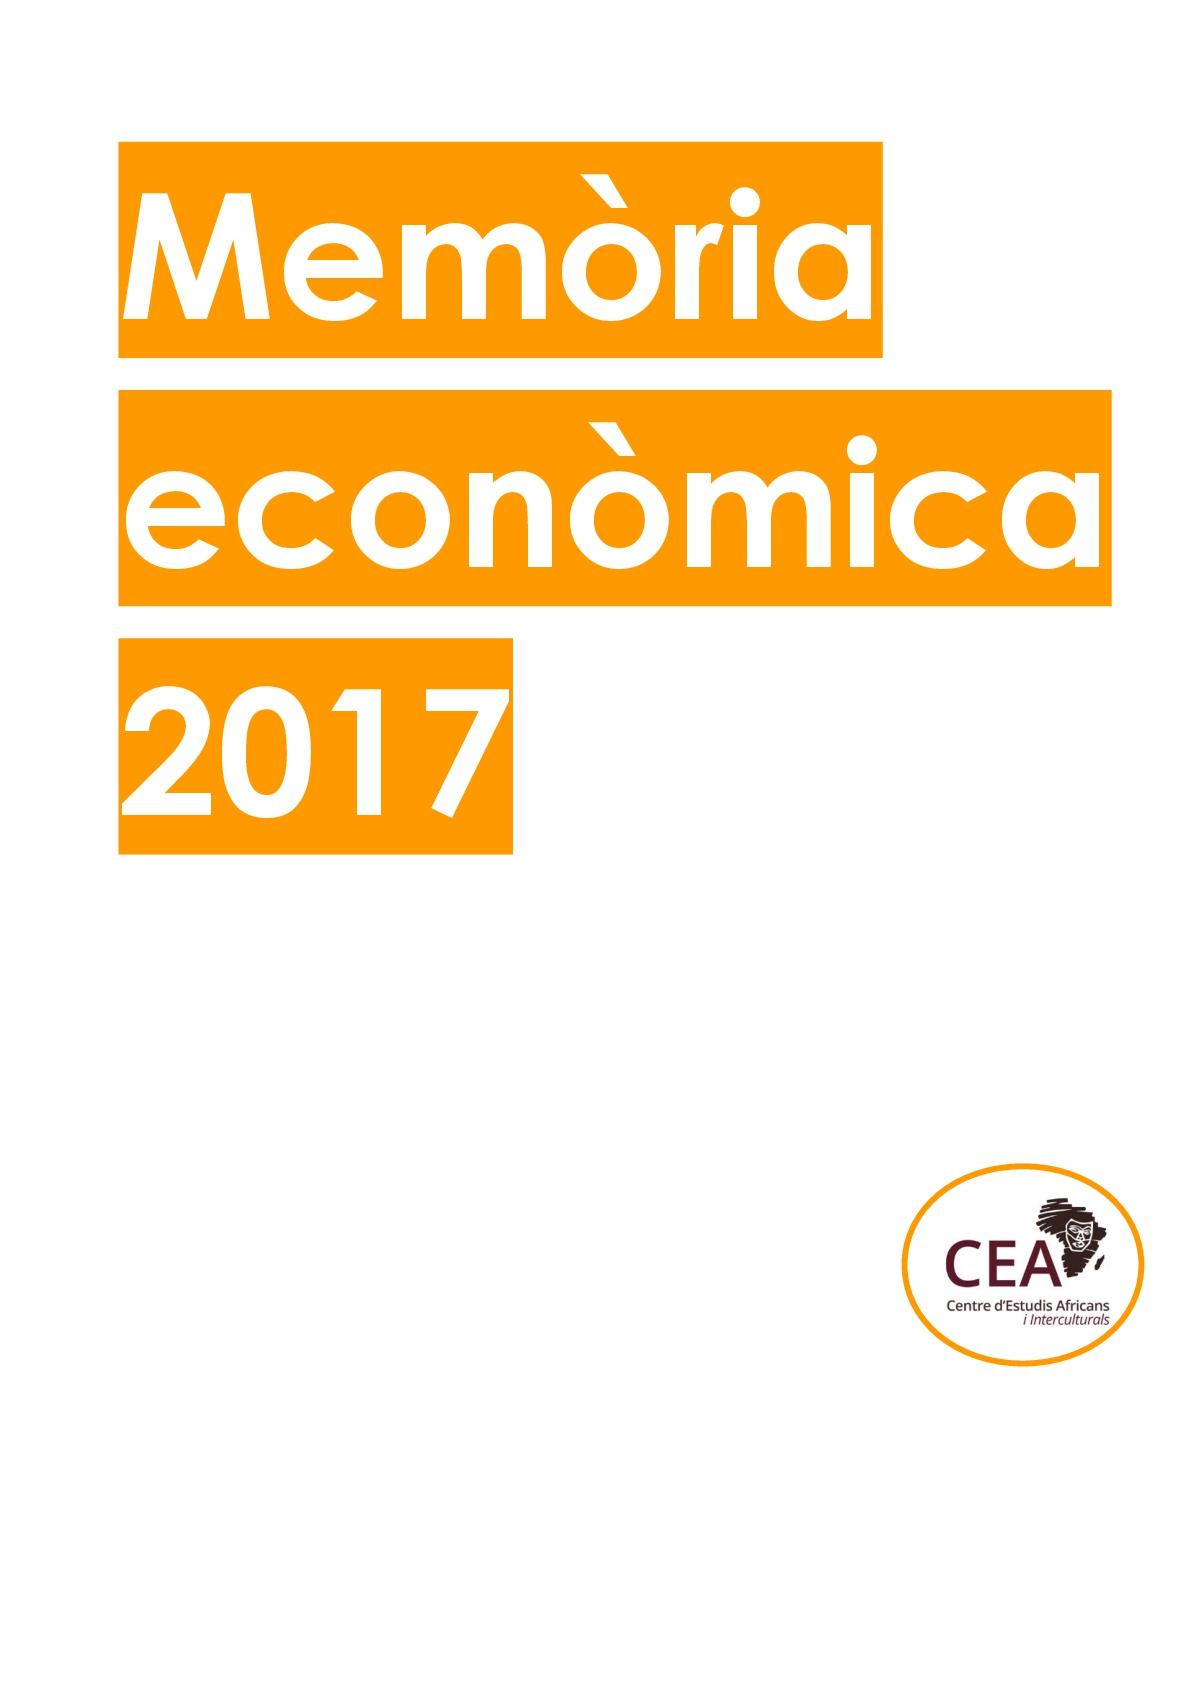 Memoria economica 2017